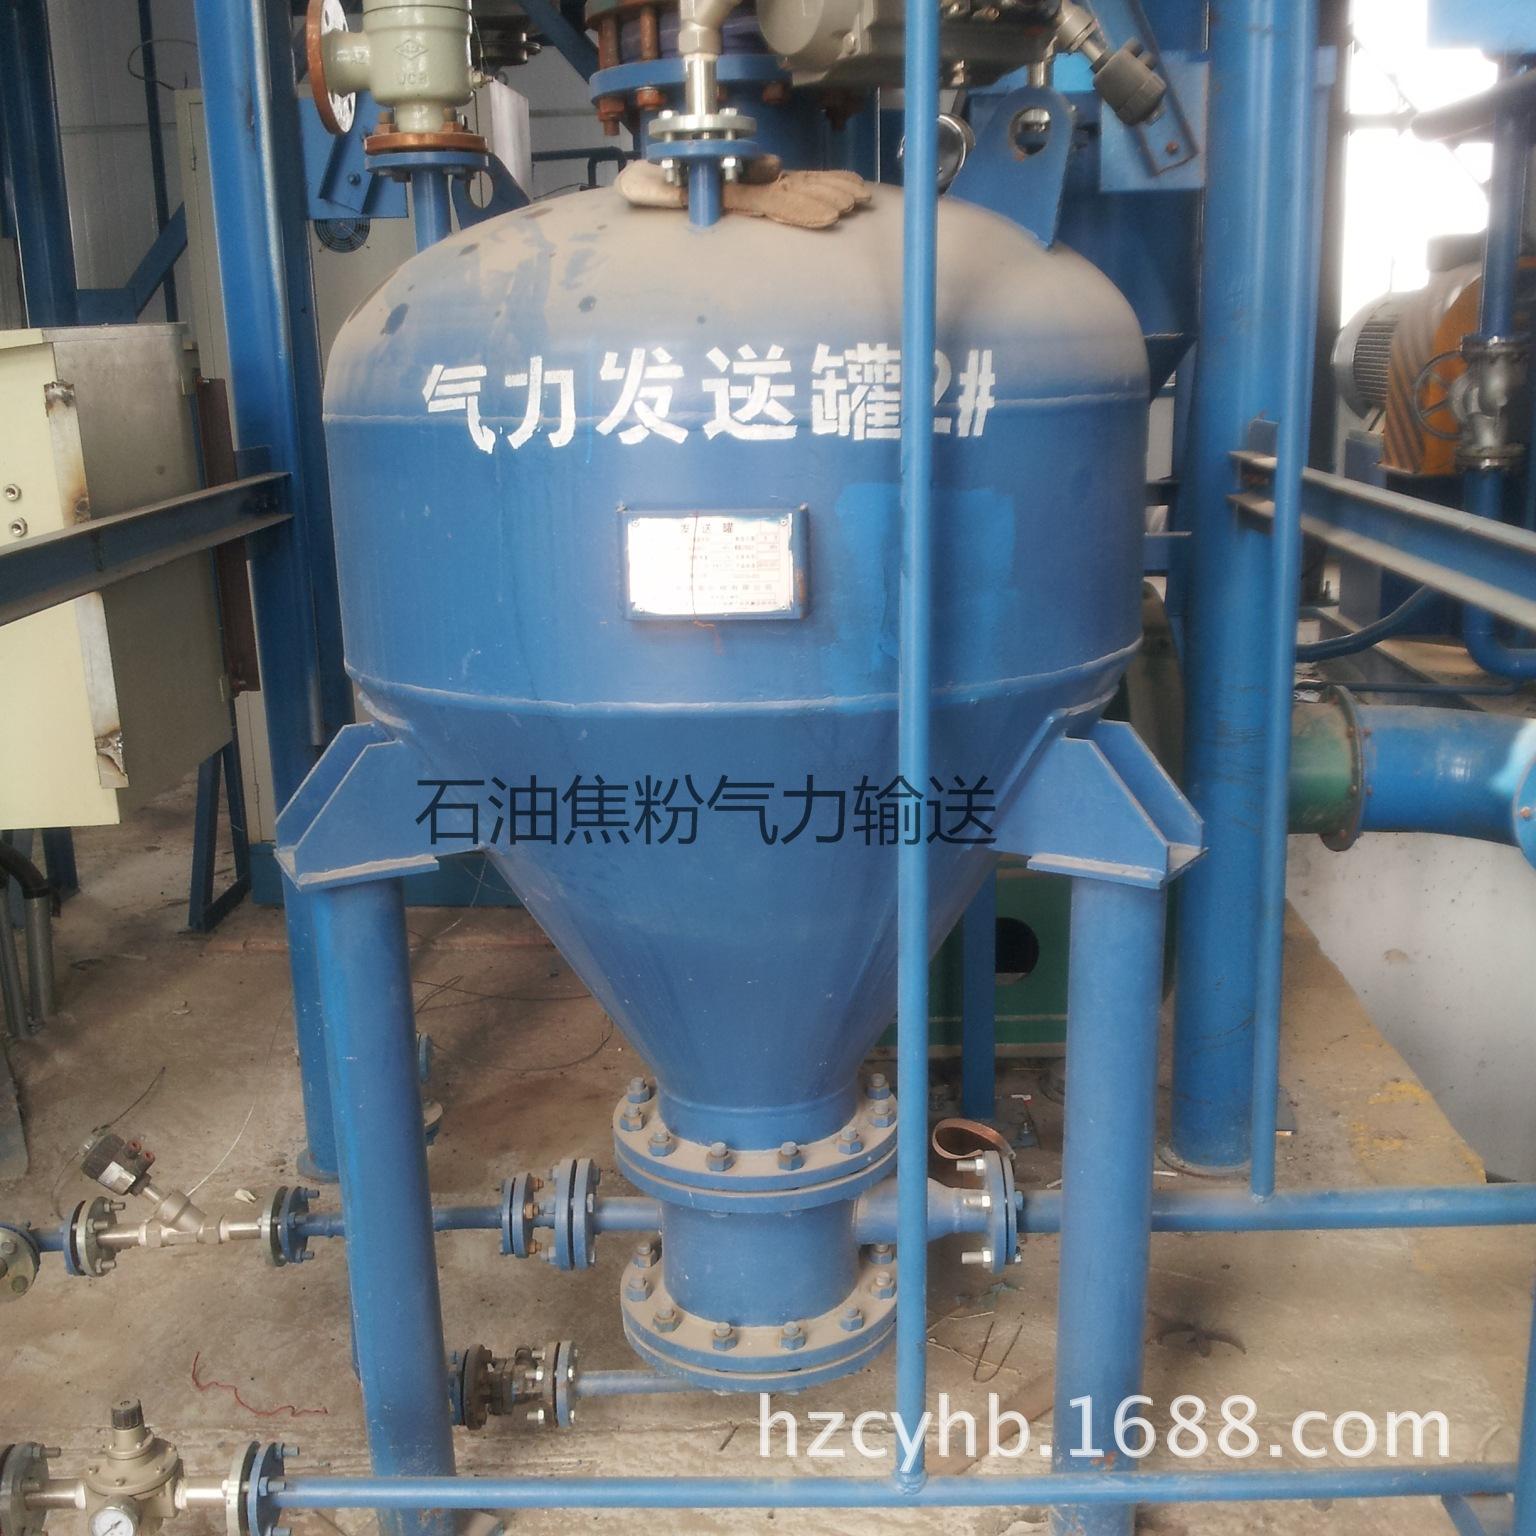 气力输送泵 设备 技术咨询